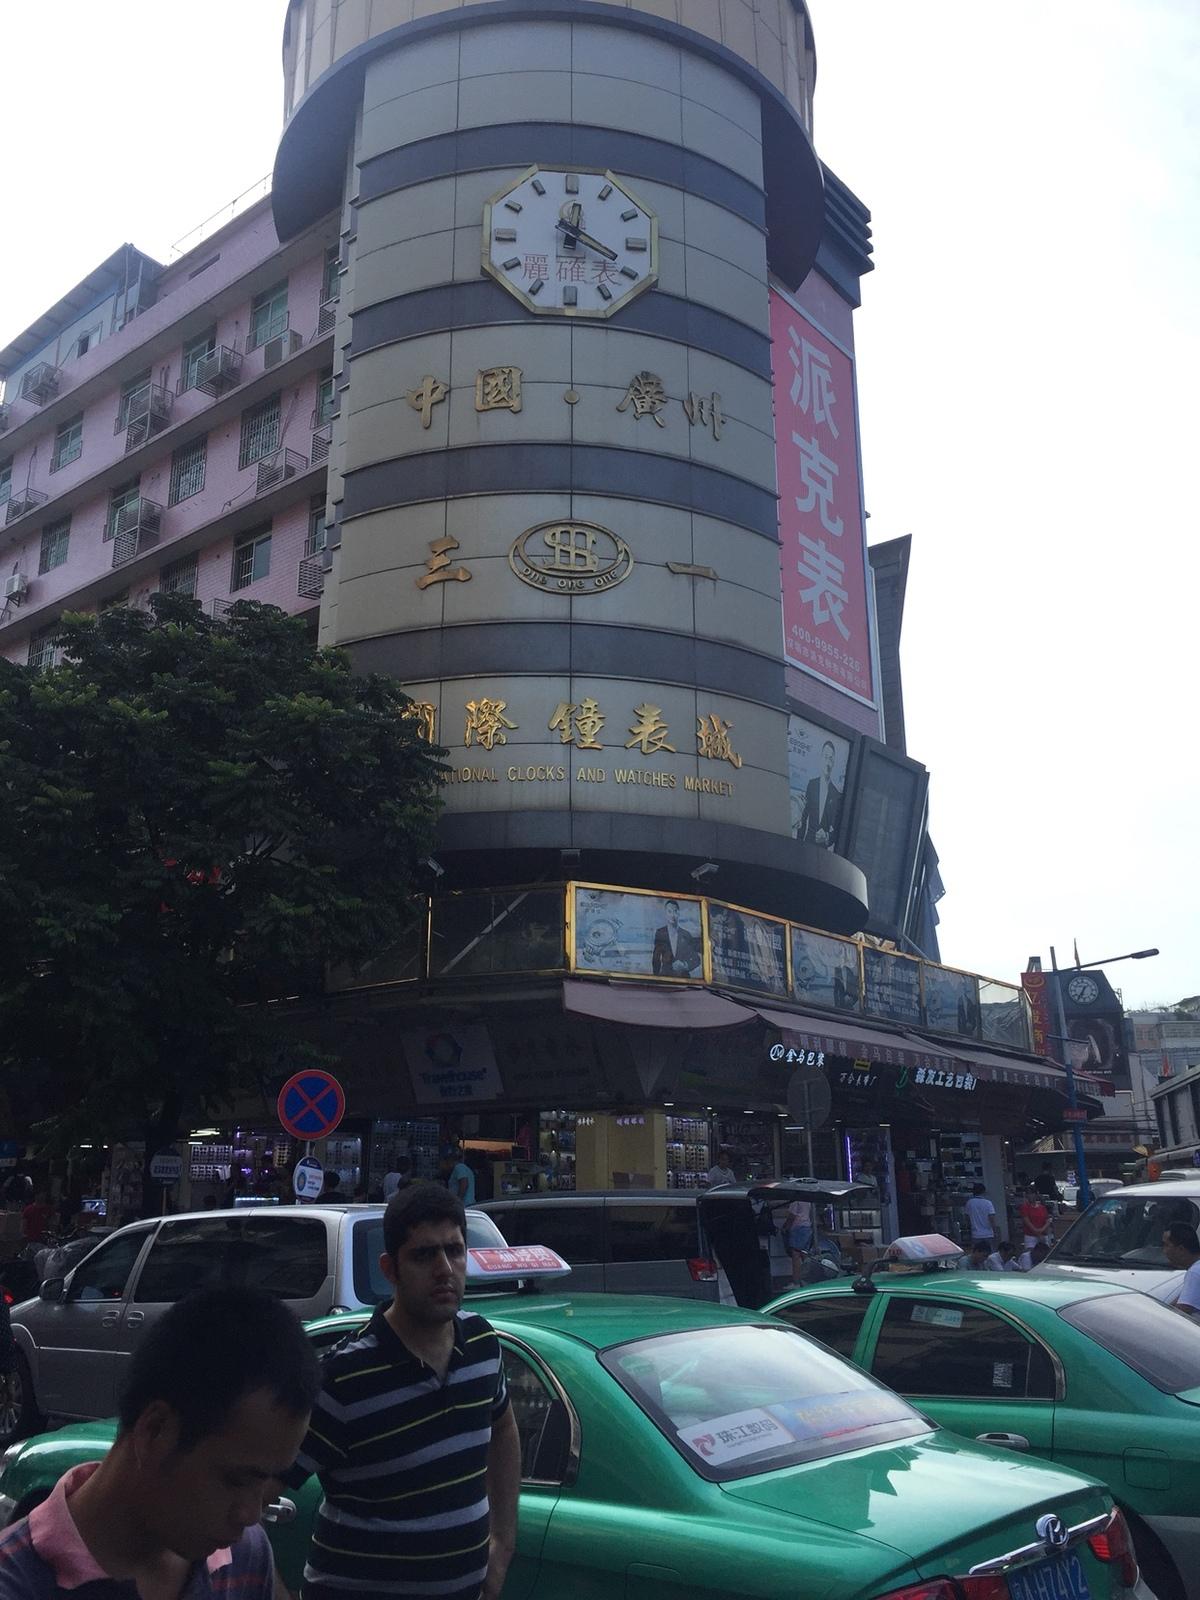 اجمل مدن العالم الصين 474175 المسافرون العرب